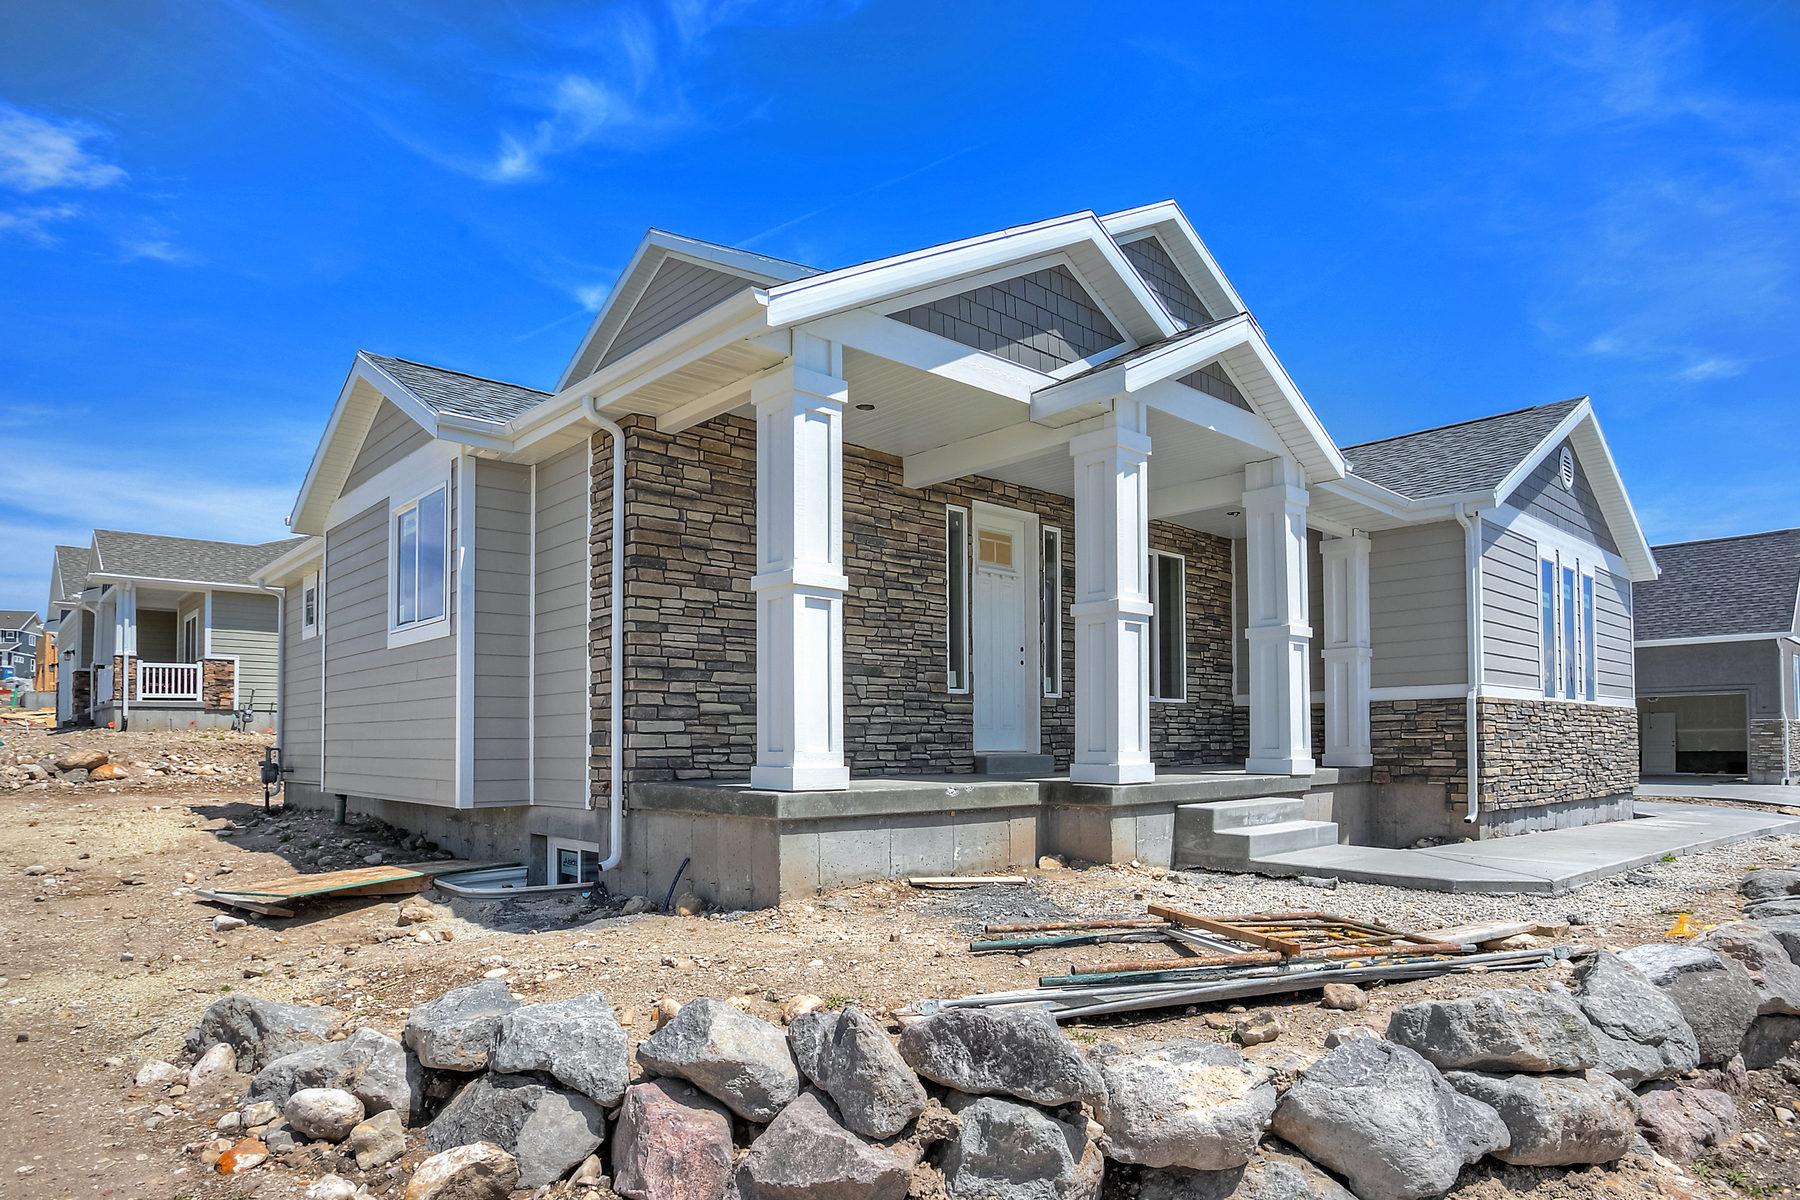 Casa Unifamiliar por un Venta en New Construction in Maple Hills 6534 West 7735 South West Jordan, Utah 84081 Estados Unidos